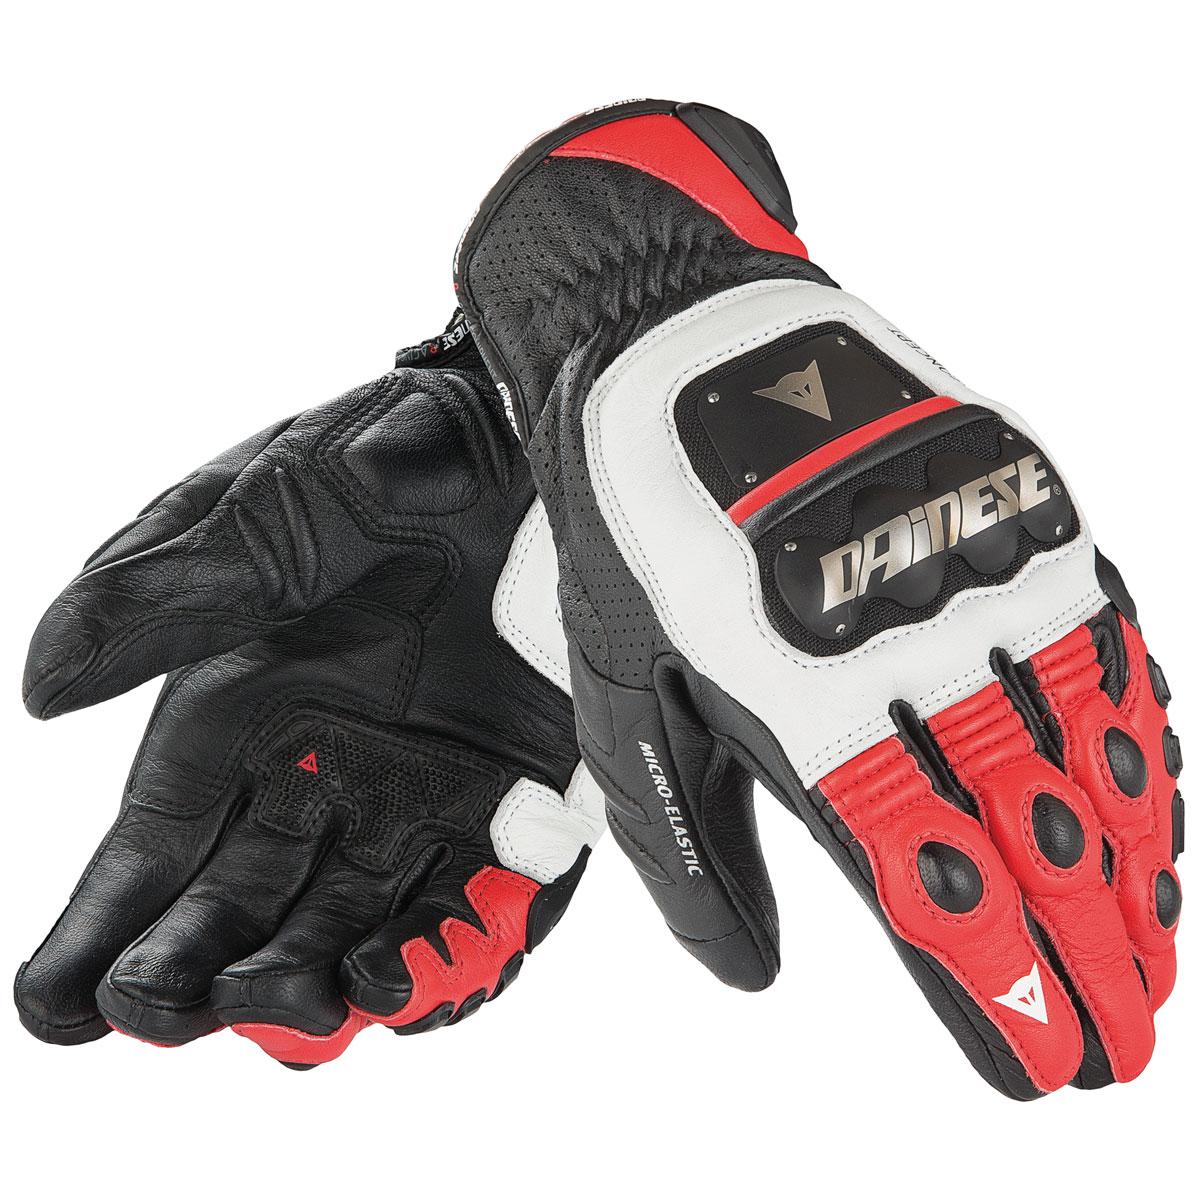 Dainese Men's 4 Stroke Evo White/Red/Black Gloves